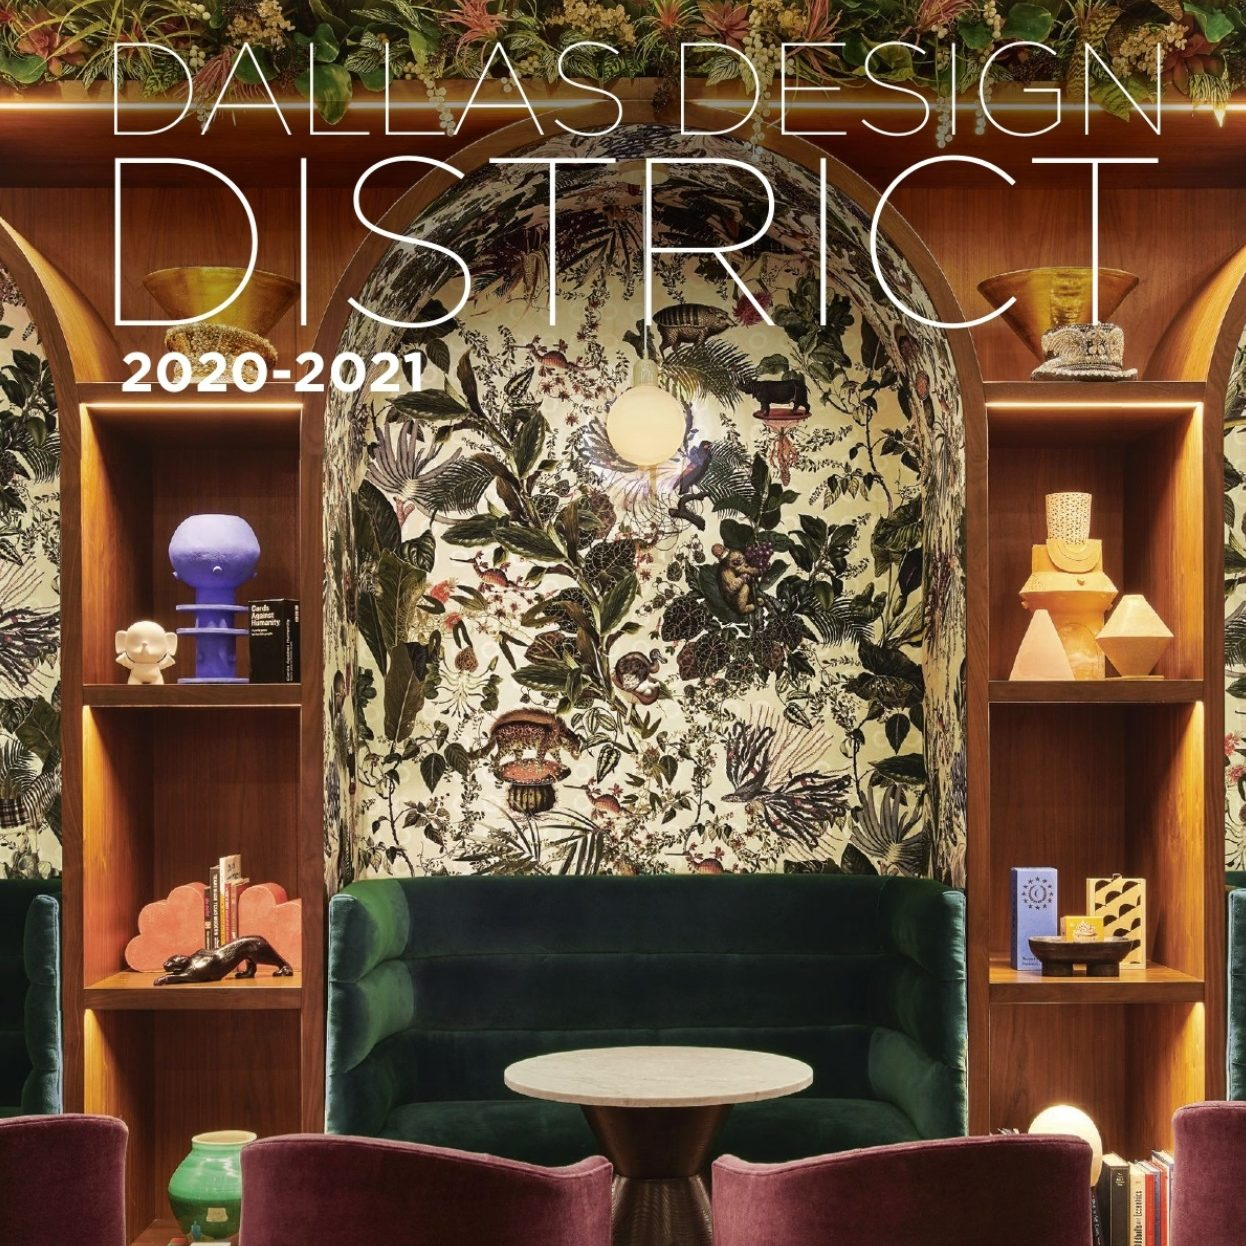 Dallas Design District Guide 2021 is here!